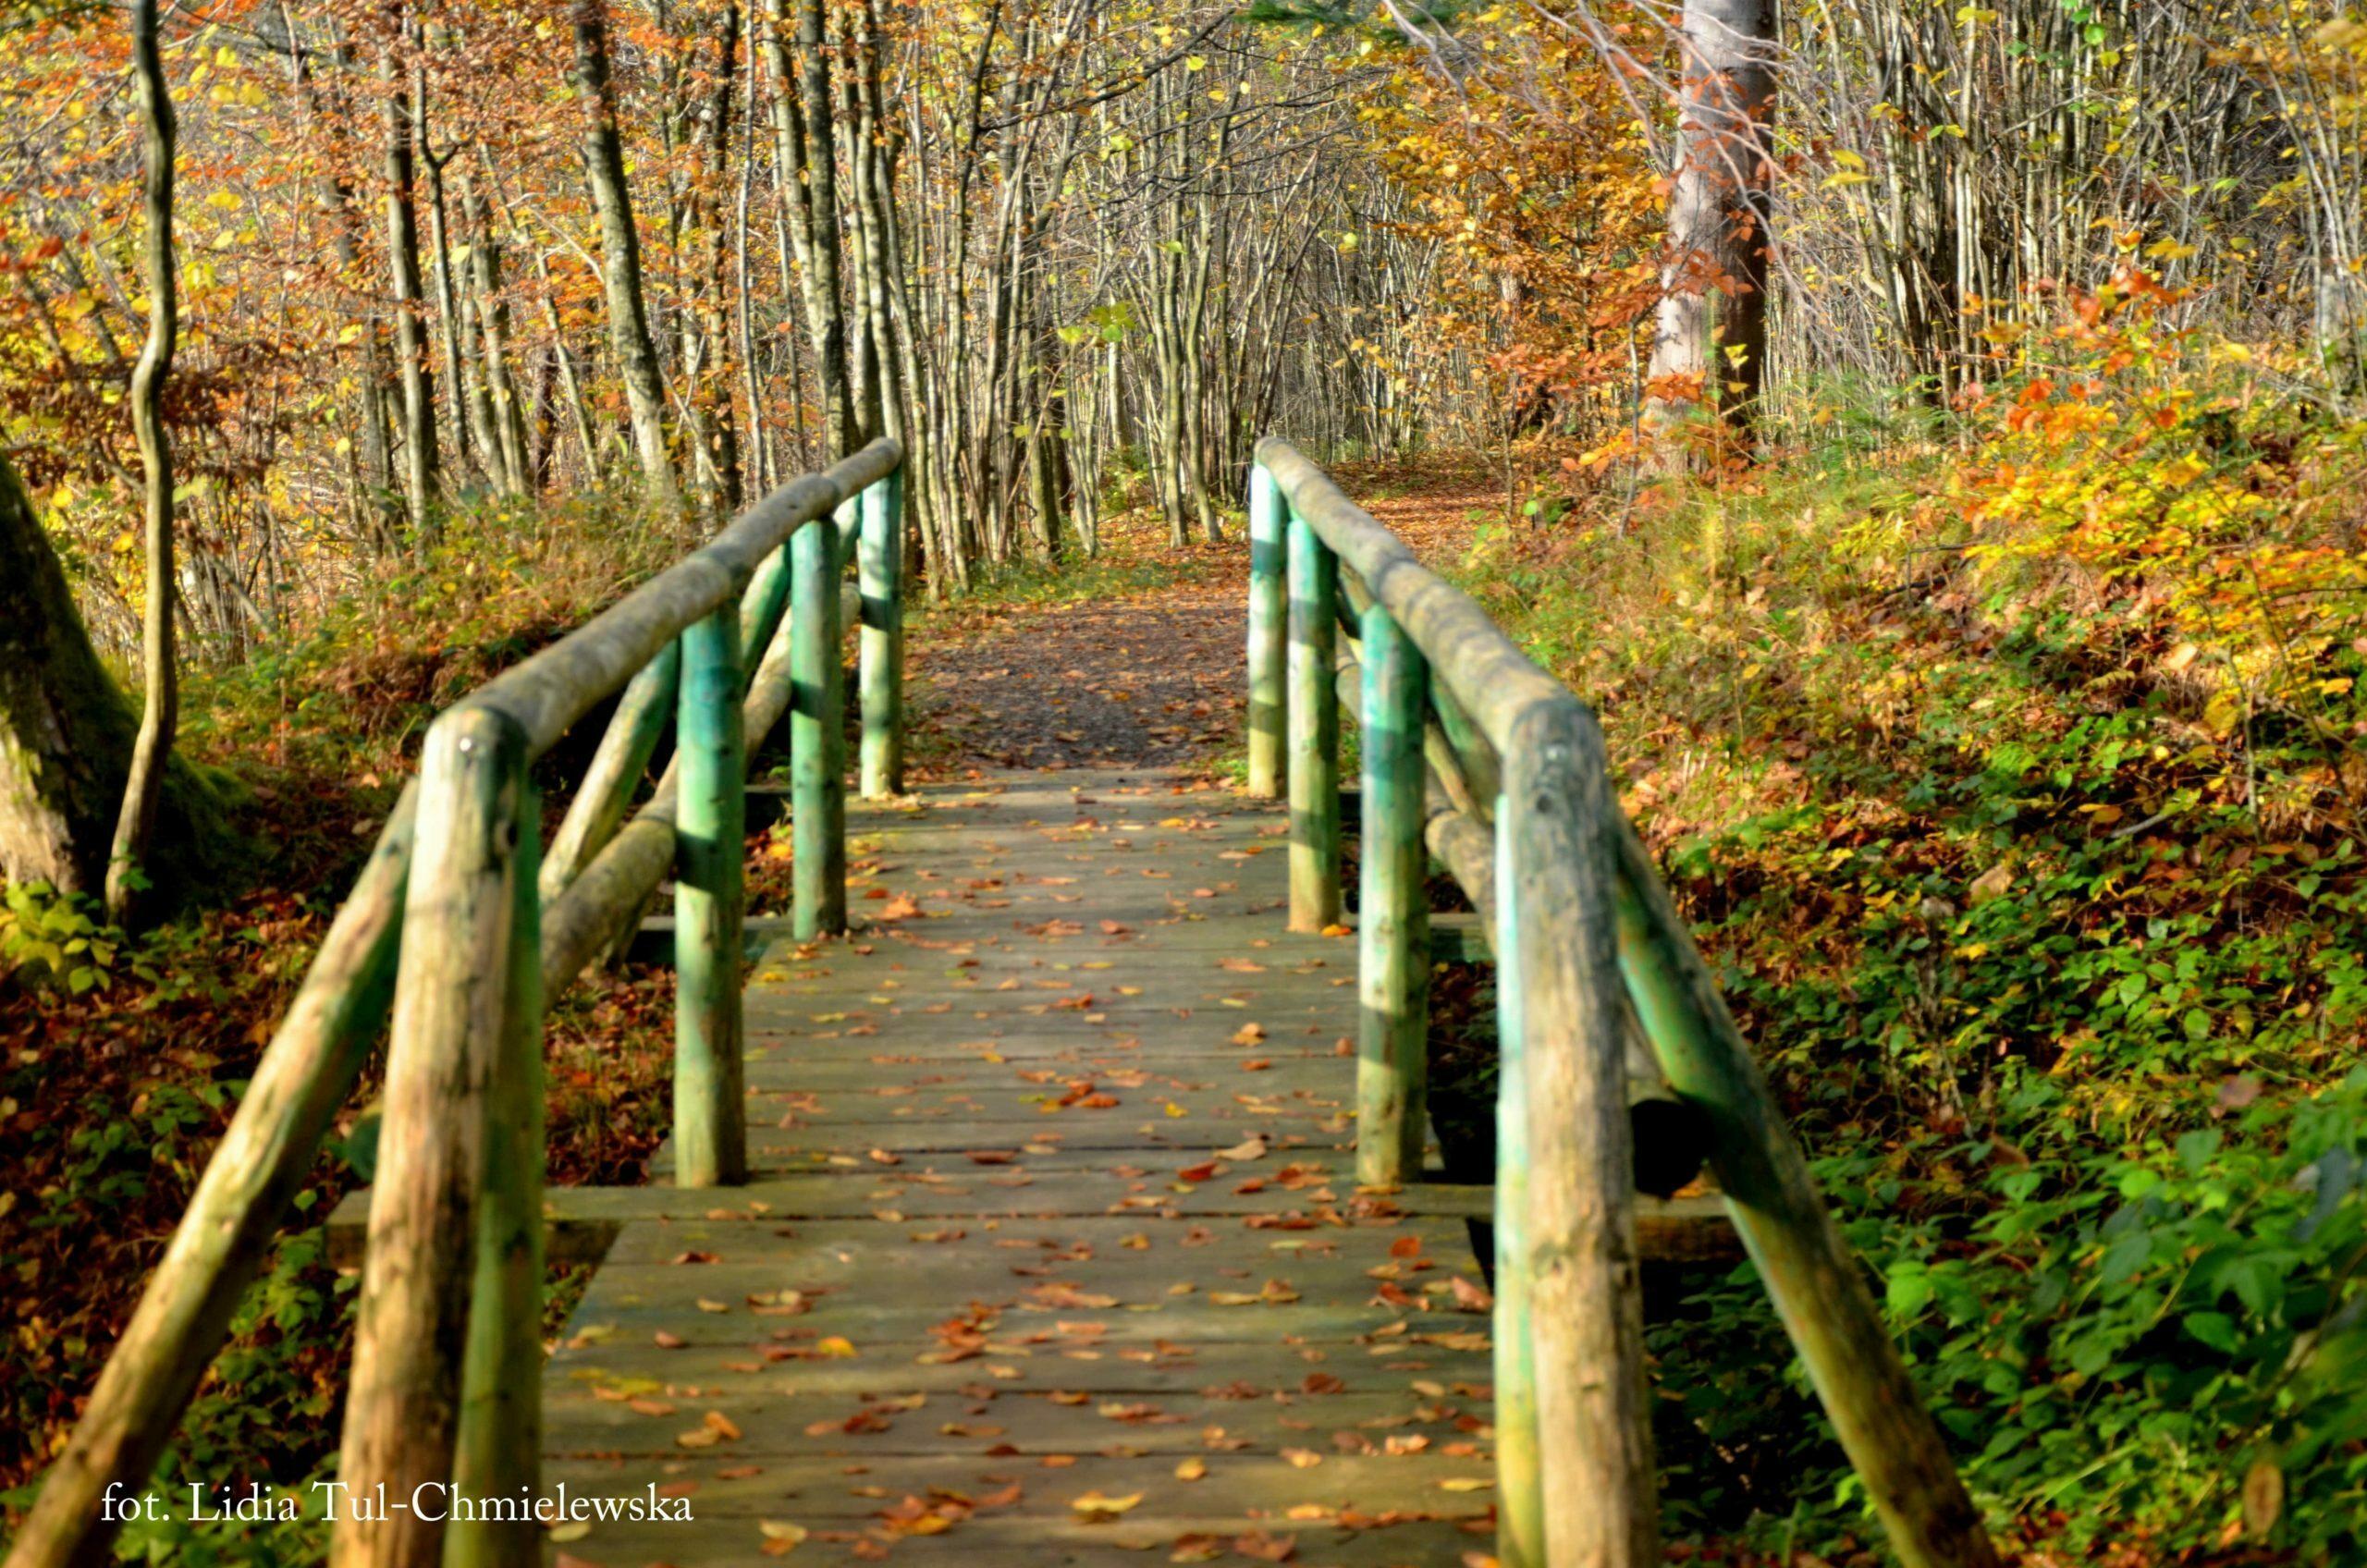 Bieszczady w listopadzie i kolory fot. Lidia Tul-Chmielewska